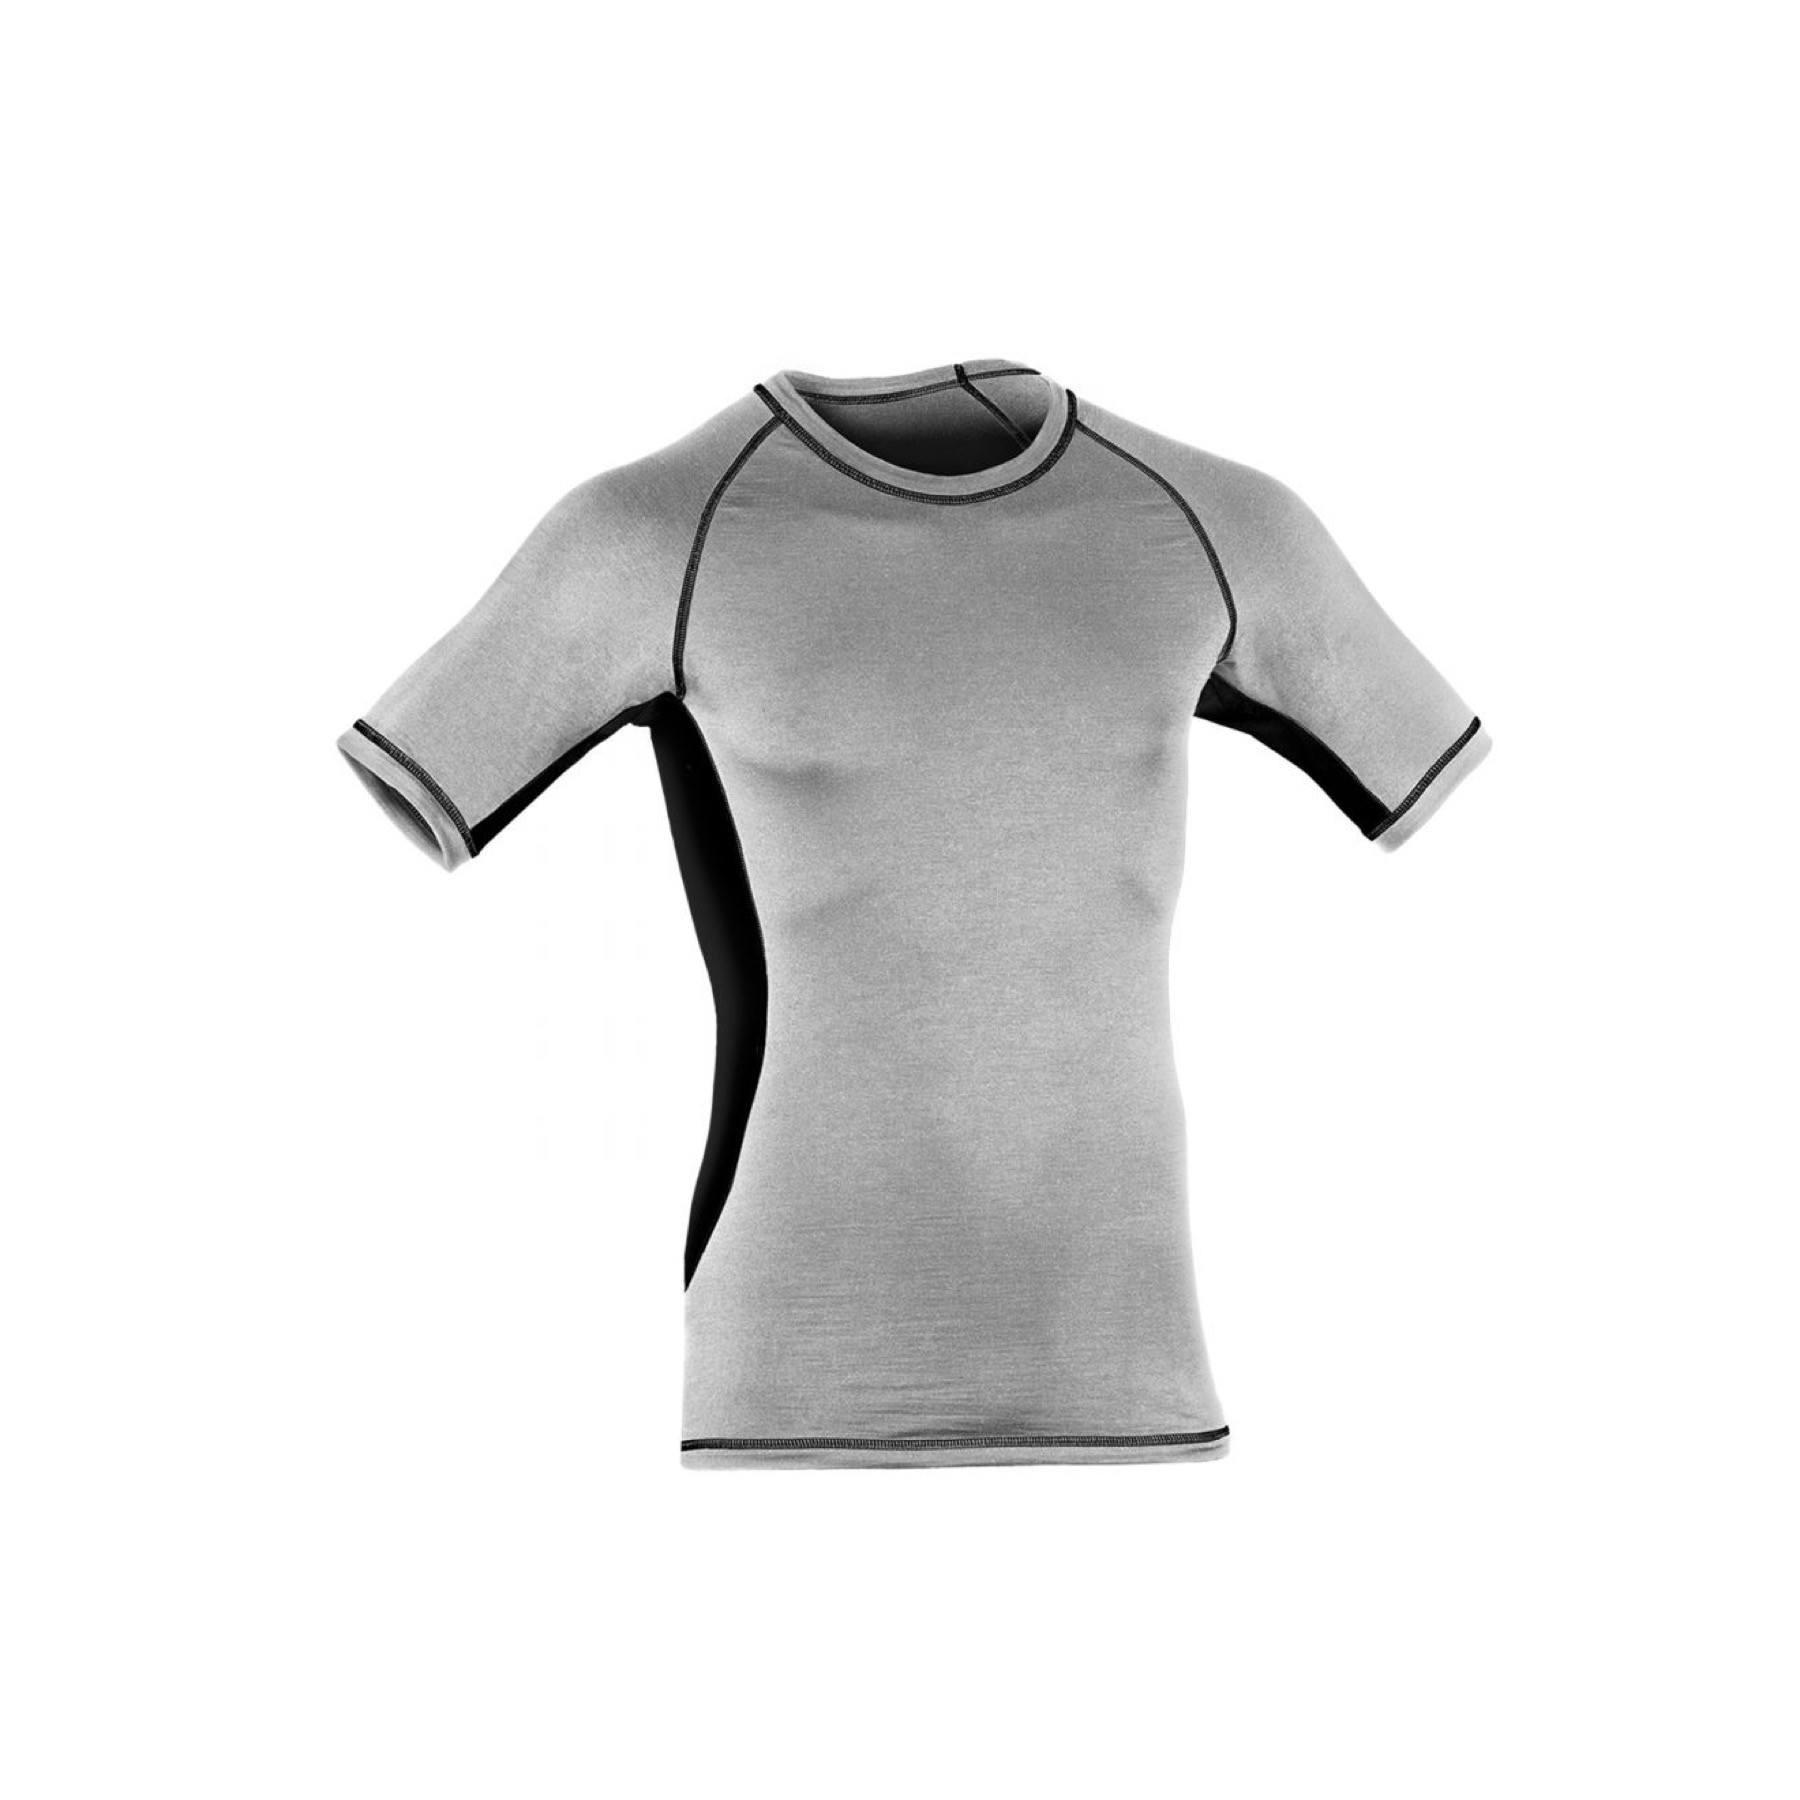 Engel løbe t shirt til mænd Uld silke Slim fit Økologisk Gråsort